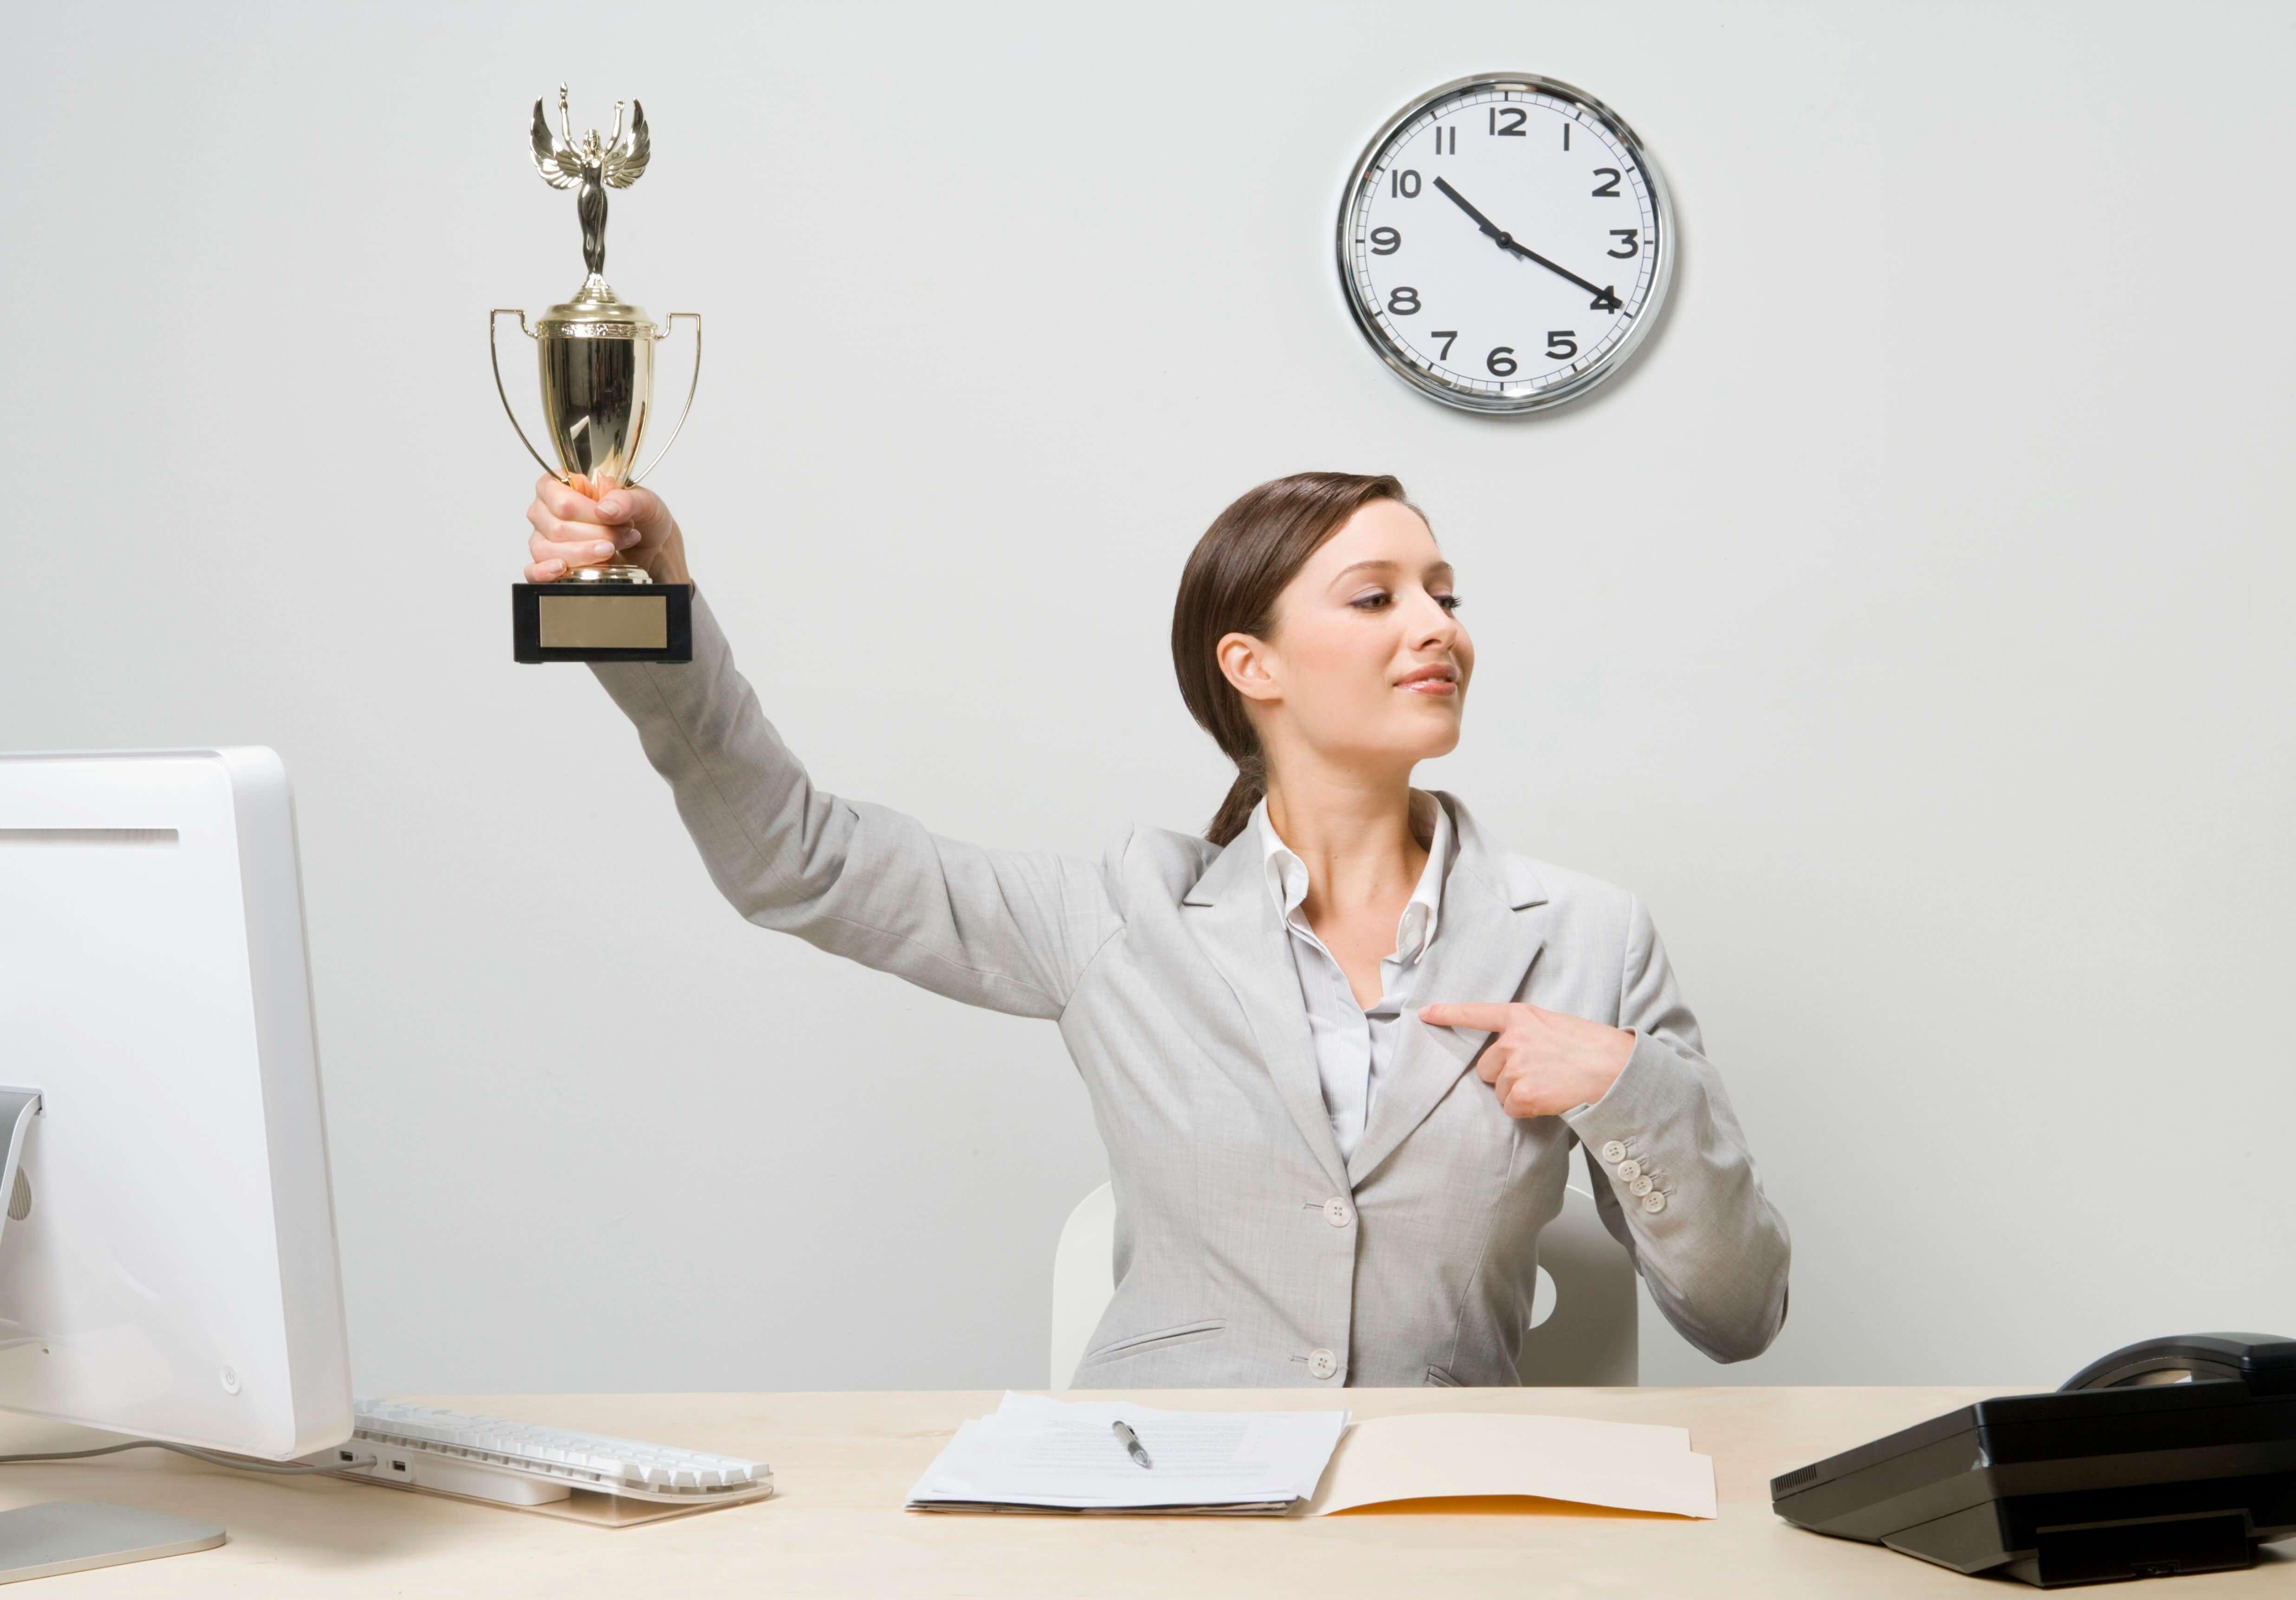 Образец приказа на премию: правила оформления